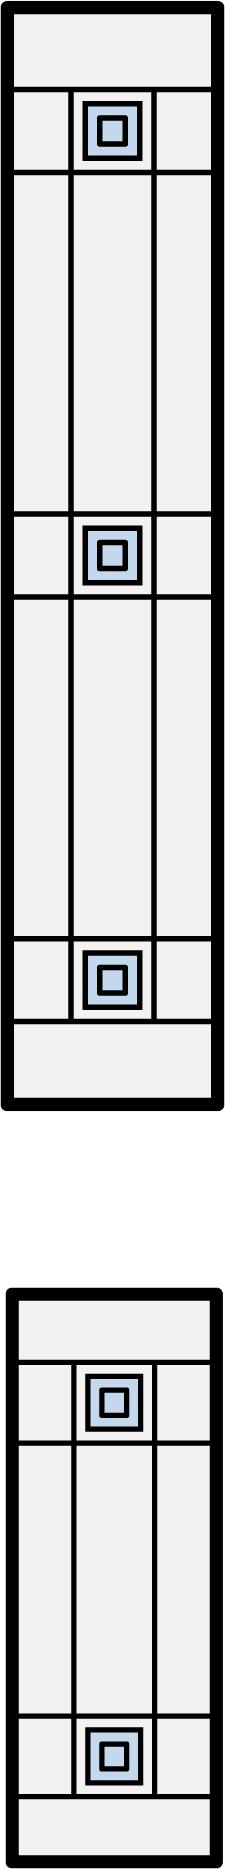 width=26